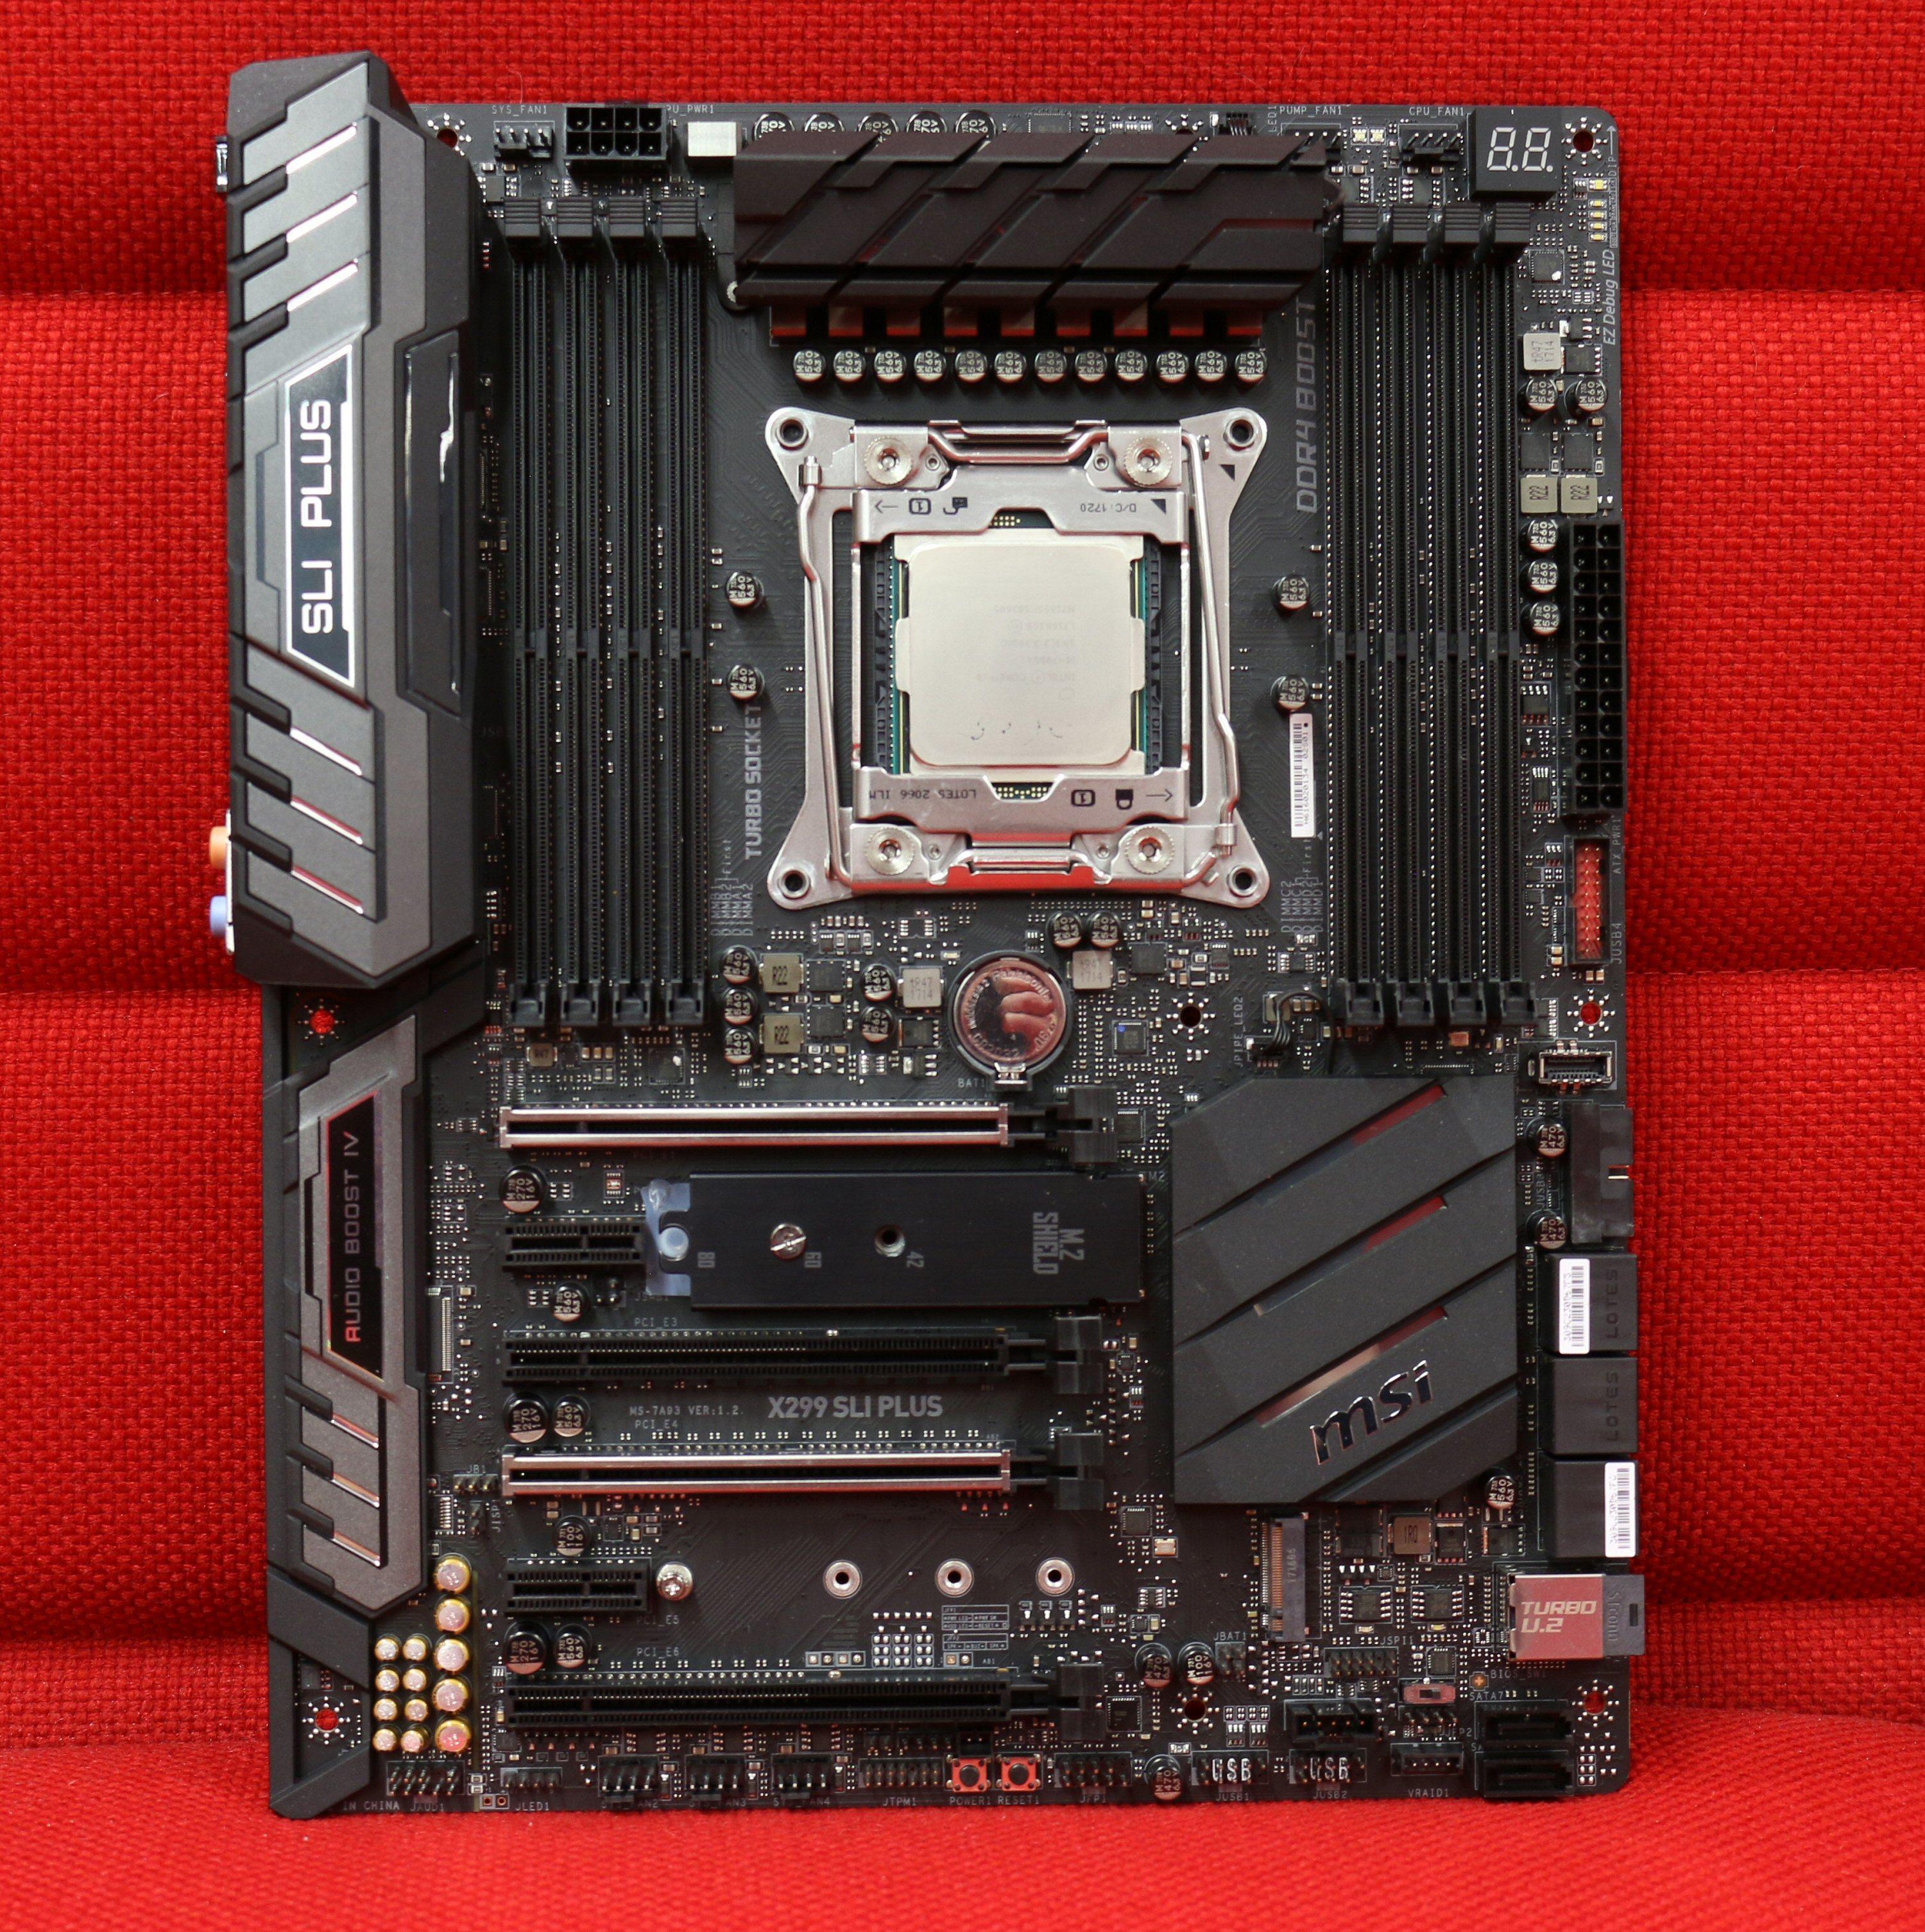 MSI X299 SLI Plus på den røde redaksjonssofaen.